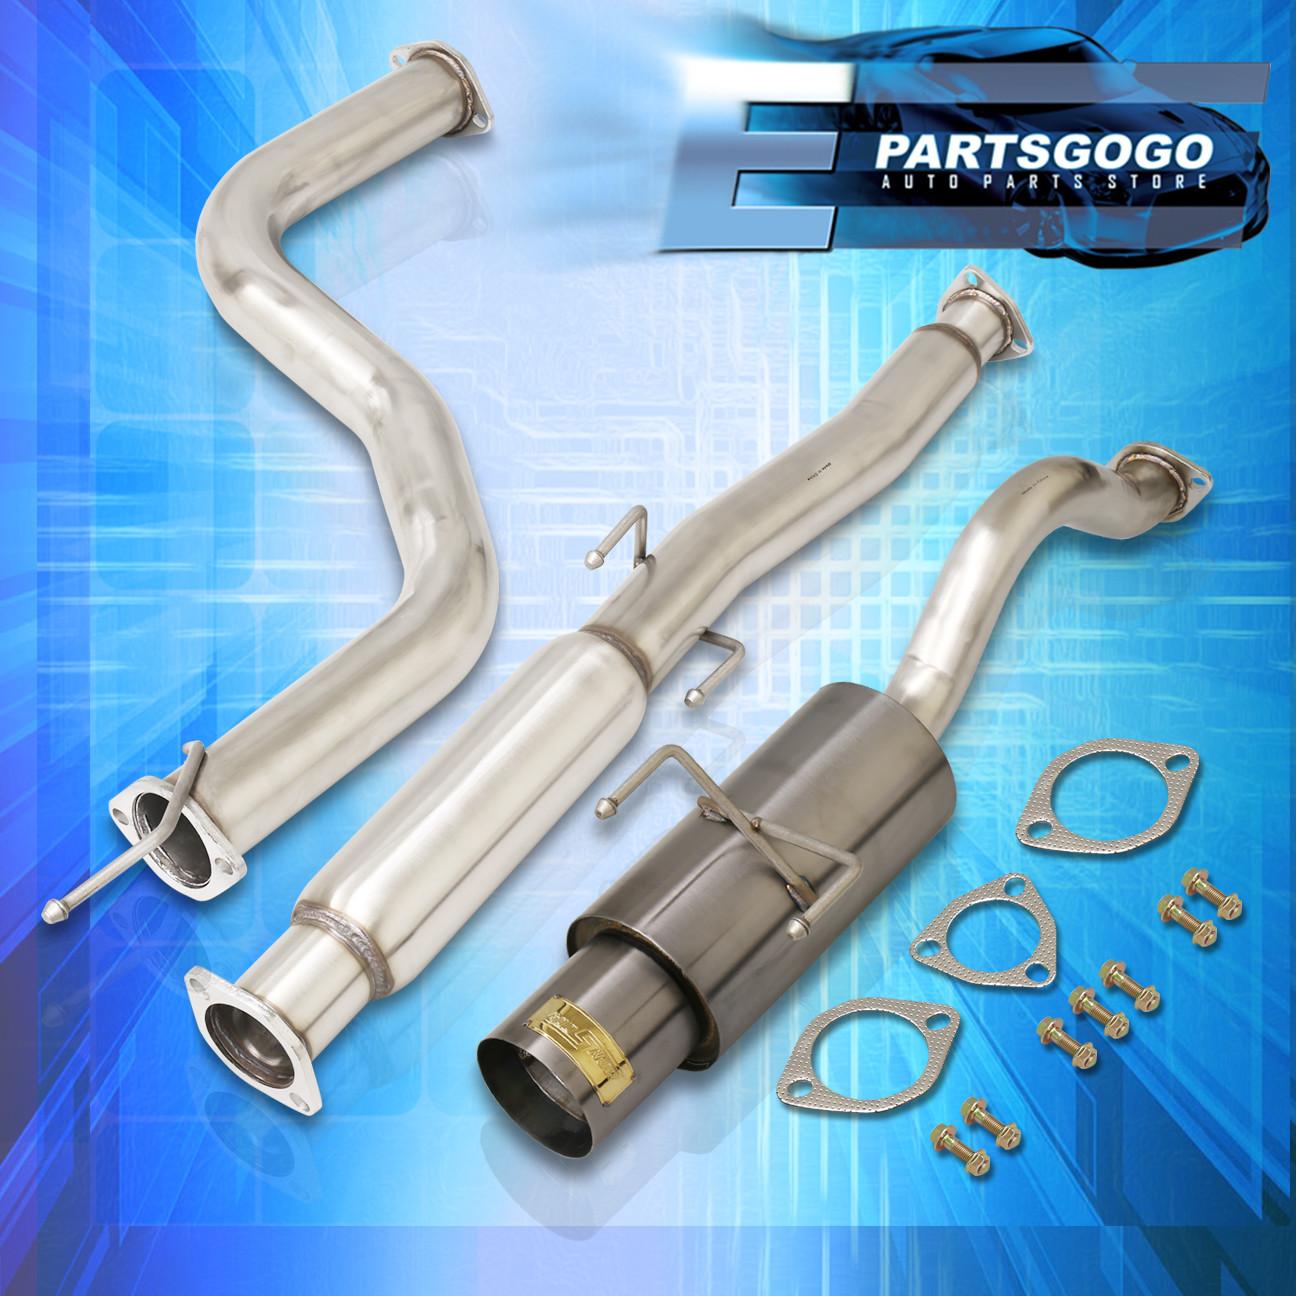 details about for 96 00 honda civic ek 3dr 3 hatchback gunmetal style catback exhaust system